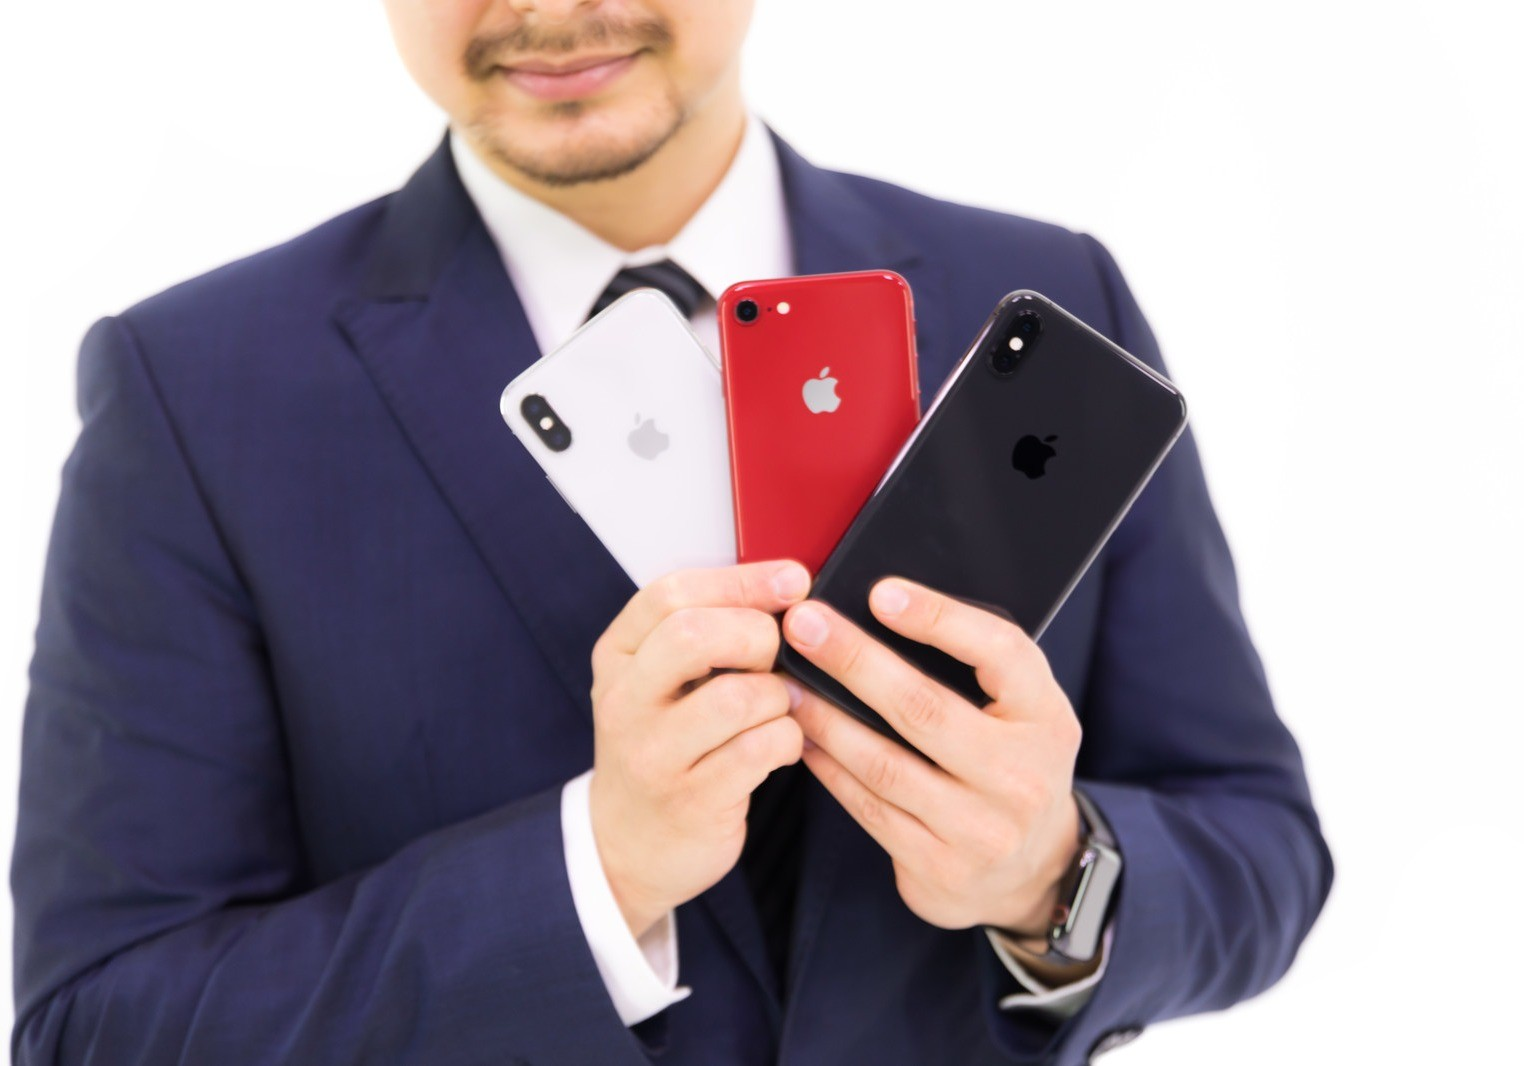 ▲蘋果,iphone,炫耀,展示,手機。(圖/取自免費圖庫Pakutaso)